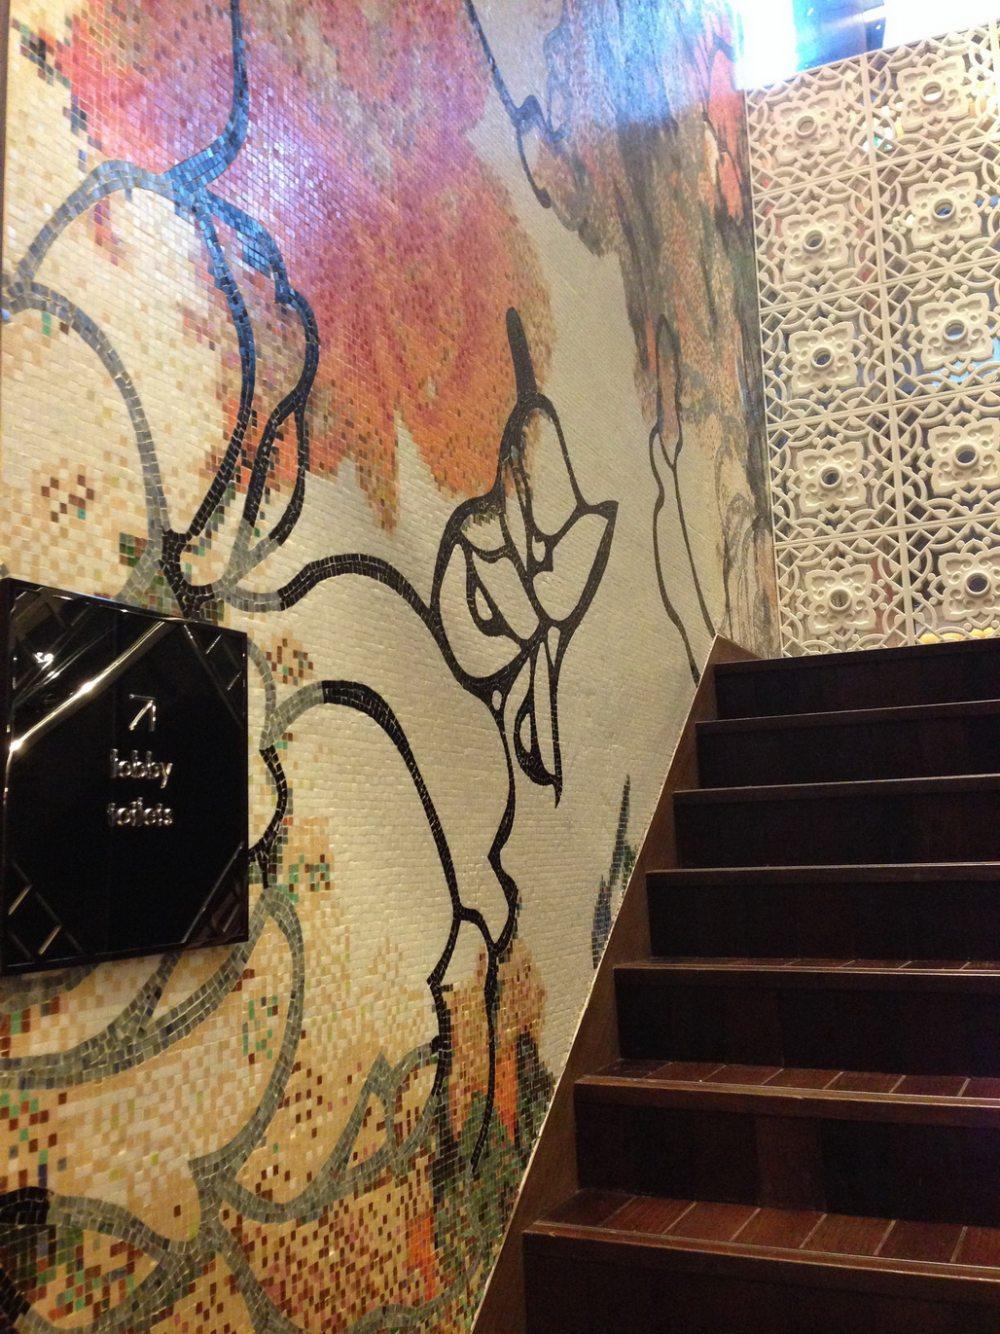 香港湾仔美丽华精品酒店Mira Moon Hotel  自拍分享_IMG_4161.JPG